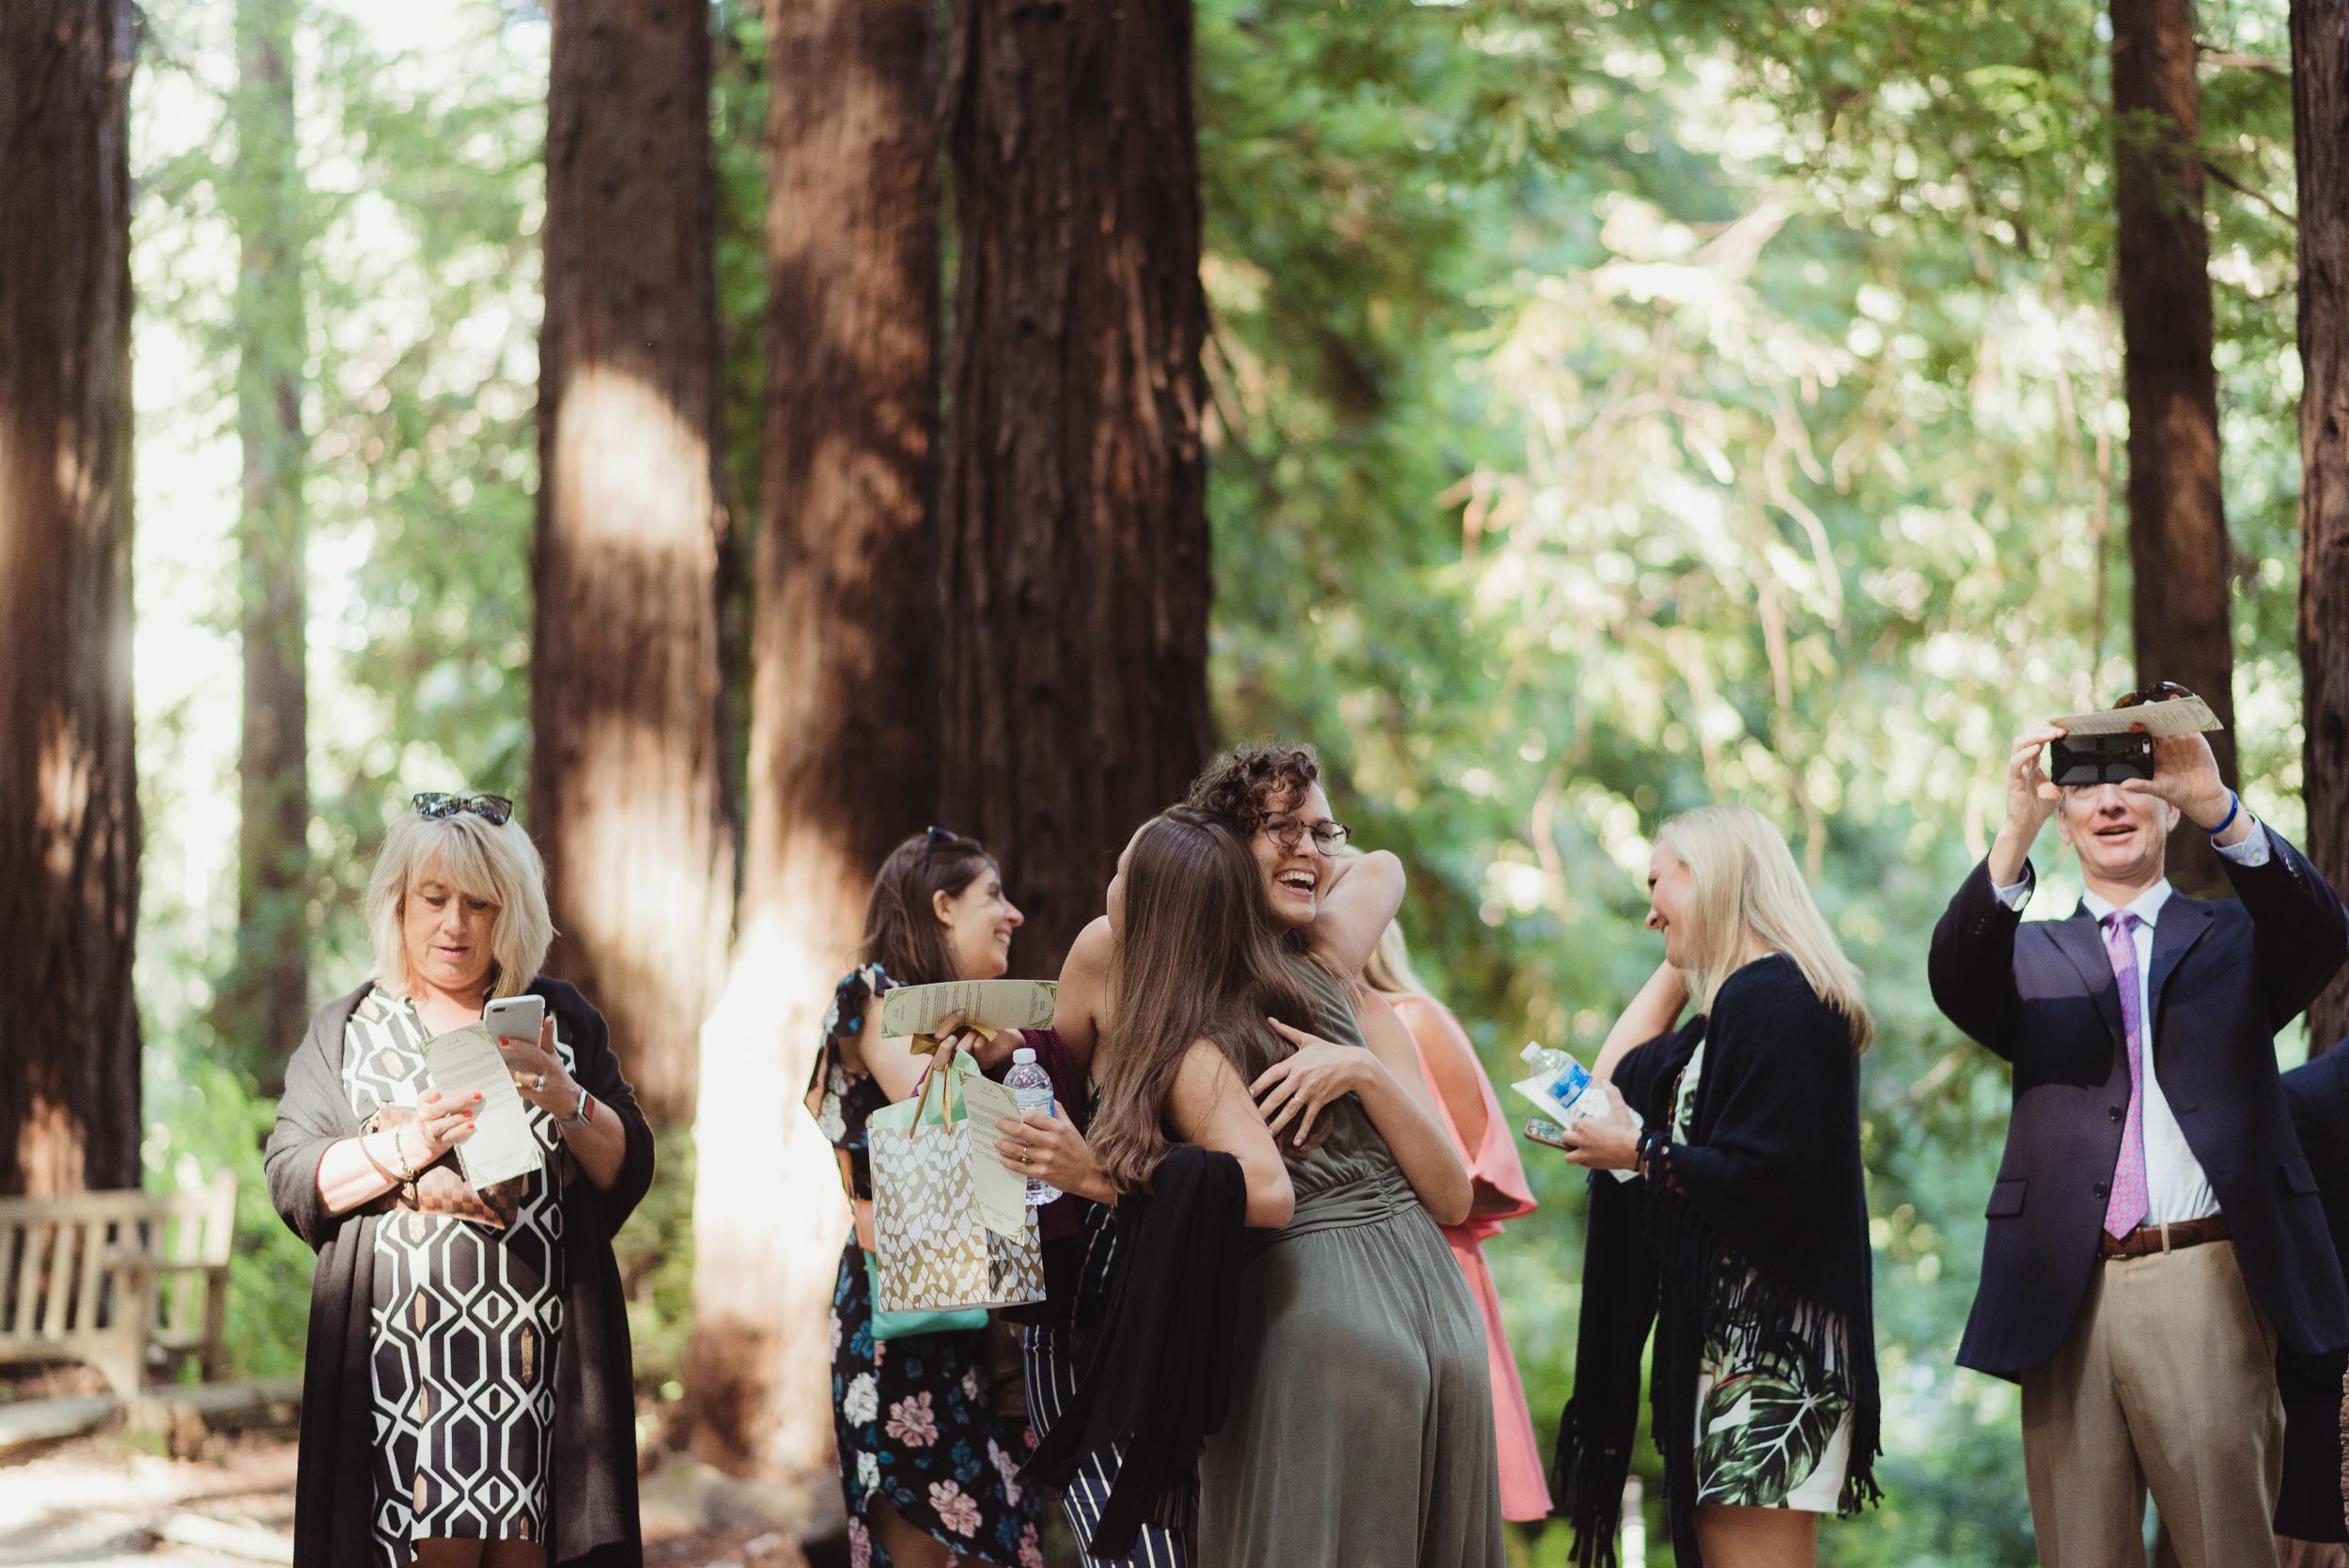 lgbtq-uc-berkeley-botanical-garden-wedding-vivianchen-024.jpg